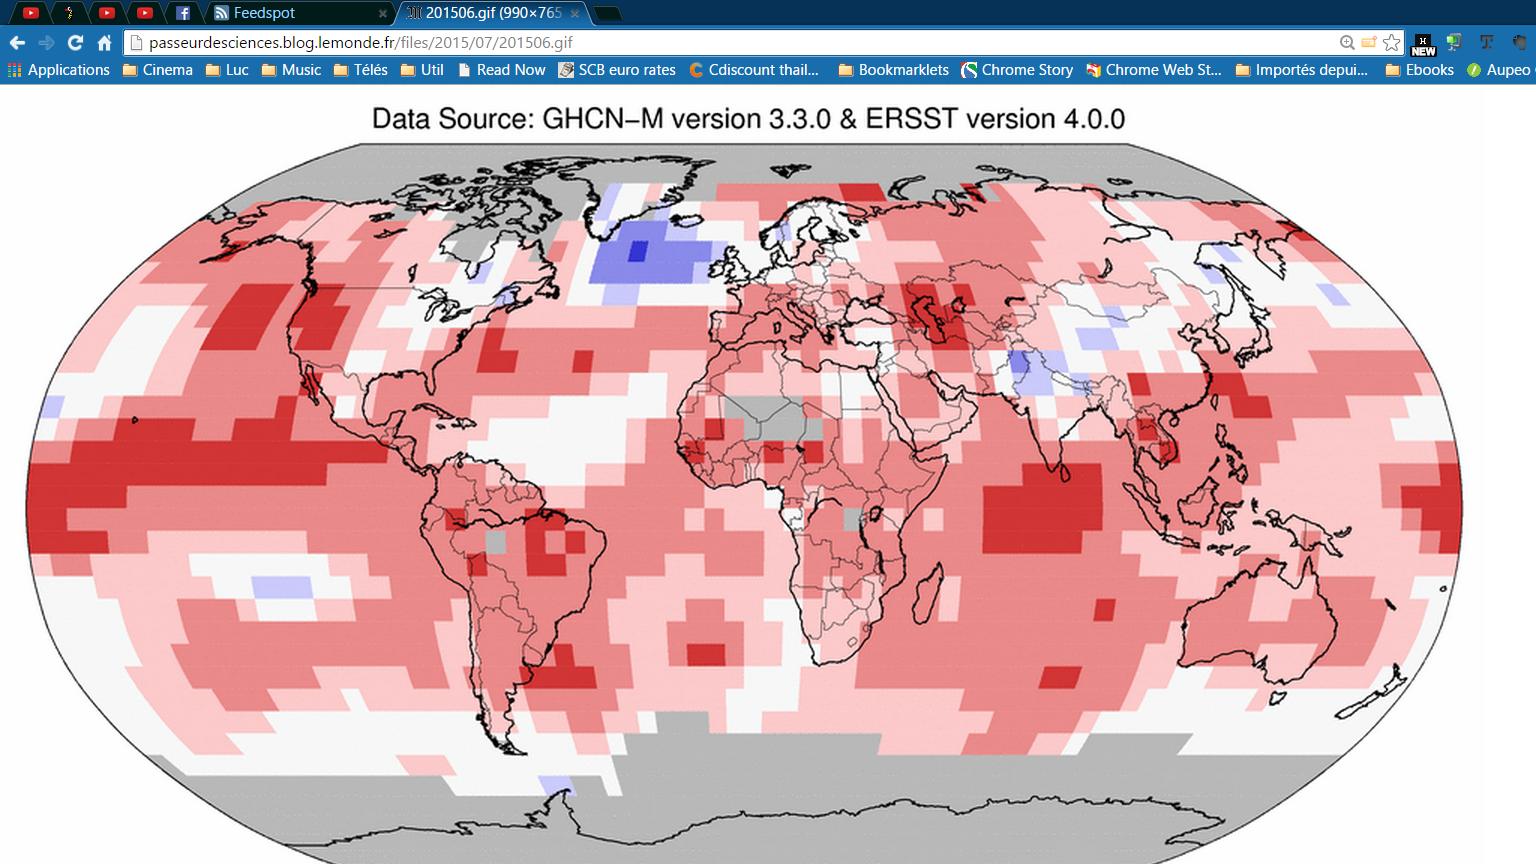 Le mois de juin 2015 a été le plus chaud de l'histoire de la météorologie.